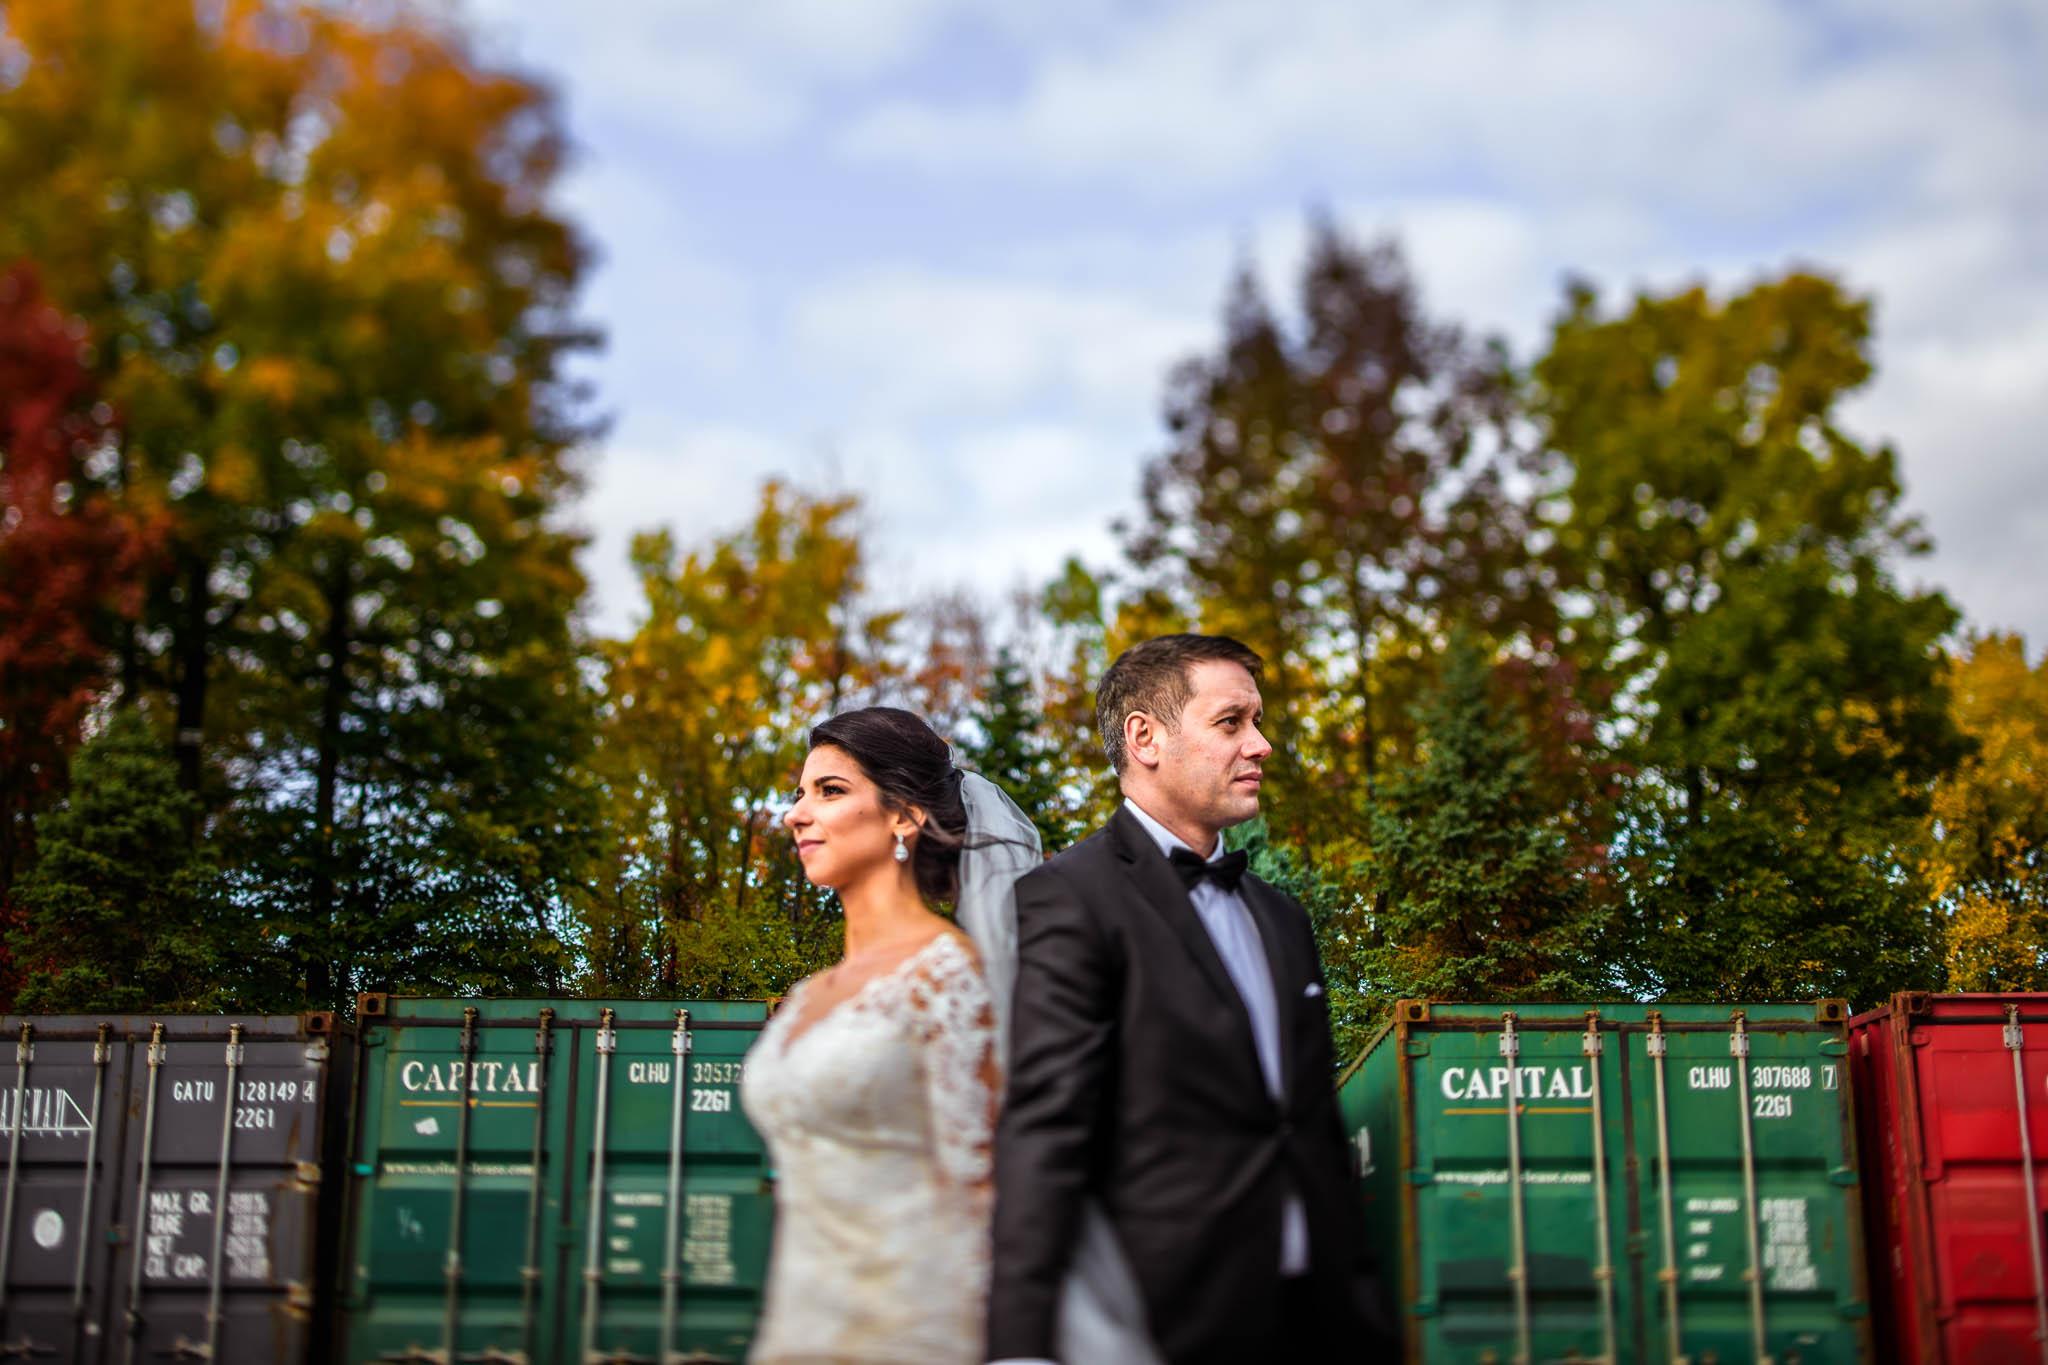 Montreal Wedding Photographers (33 of 43).jpg